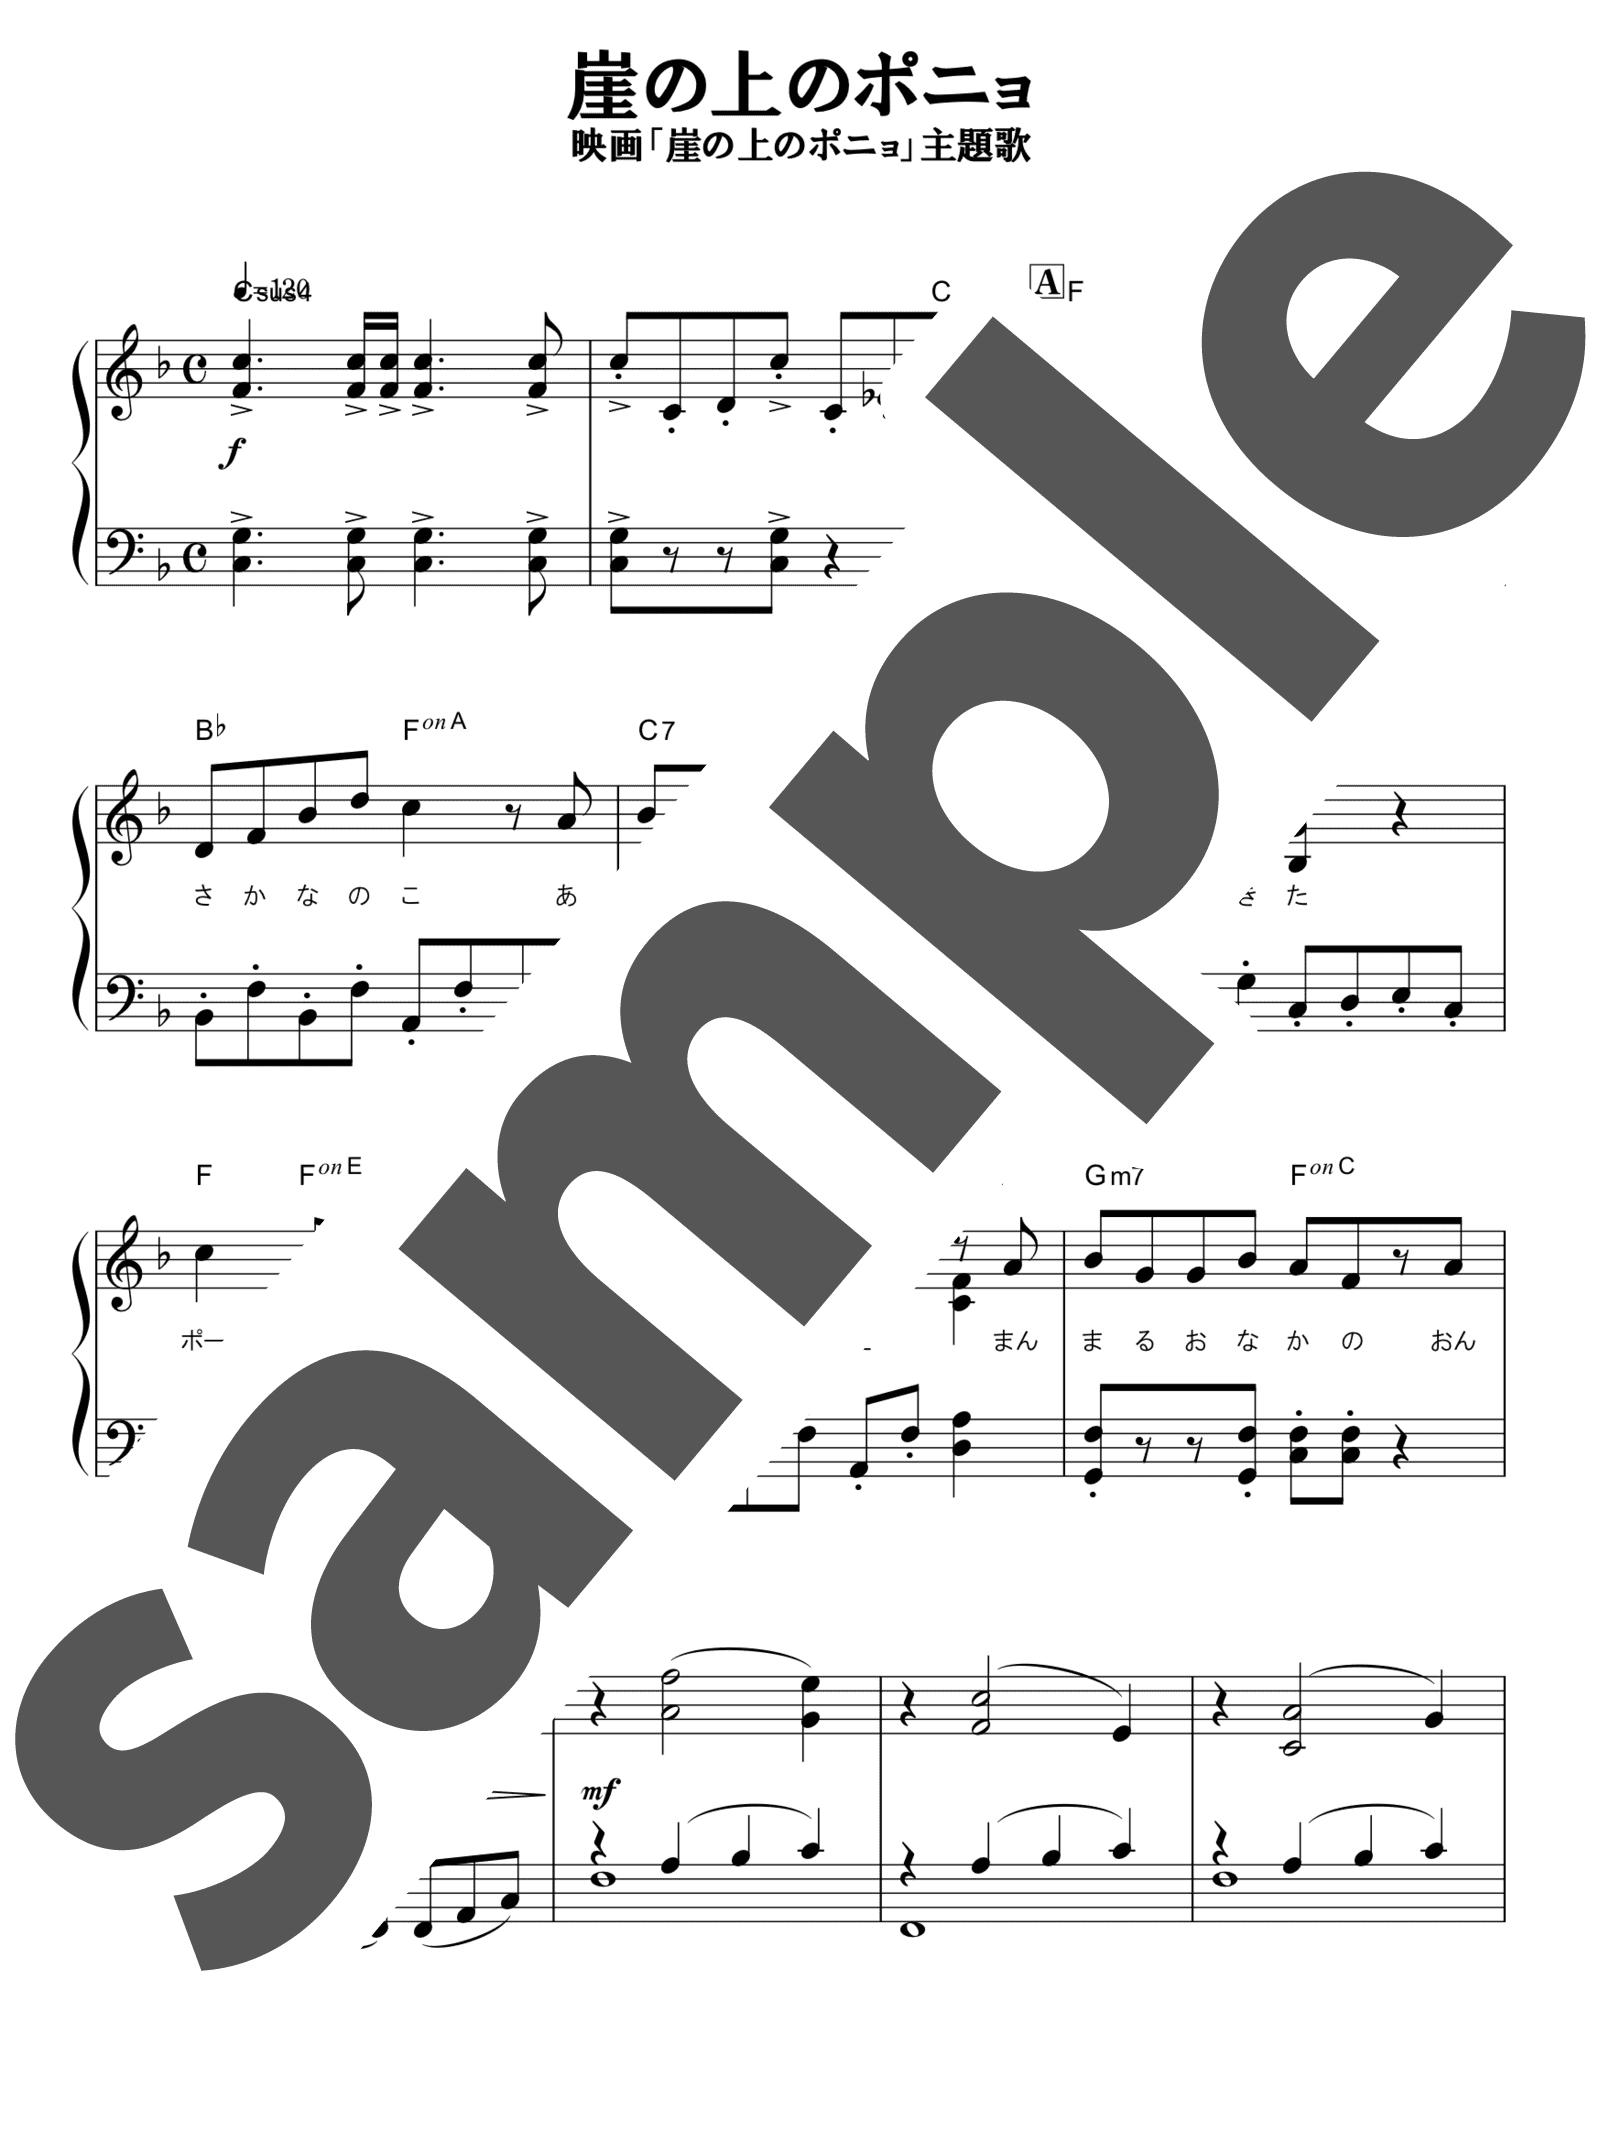 「崖の上のポニョ」のサンプル楽譜